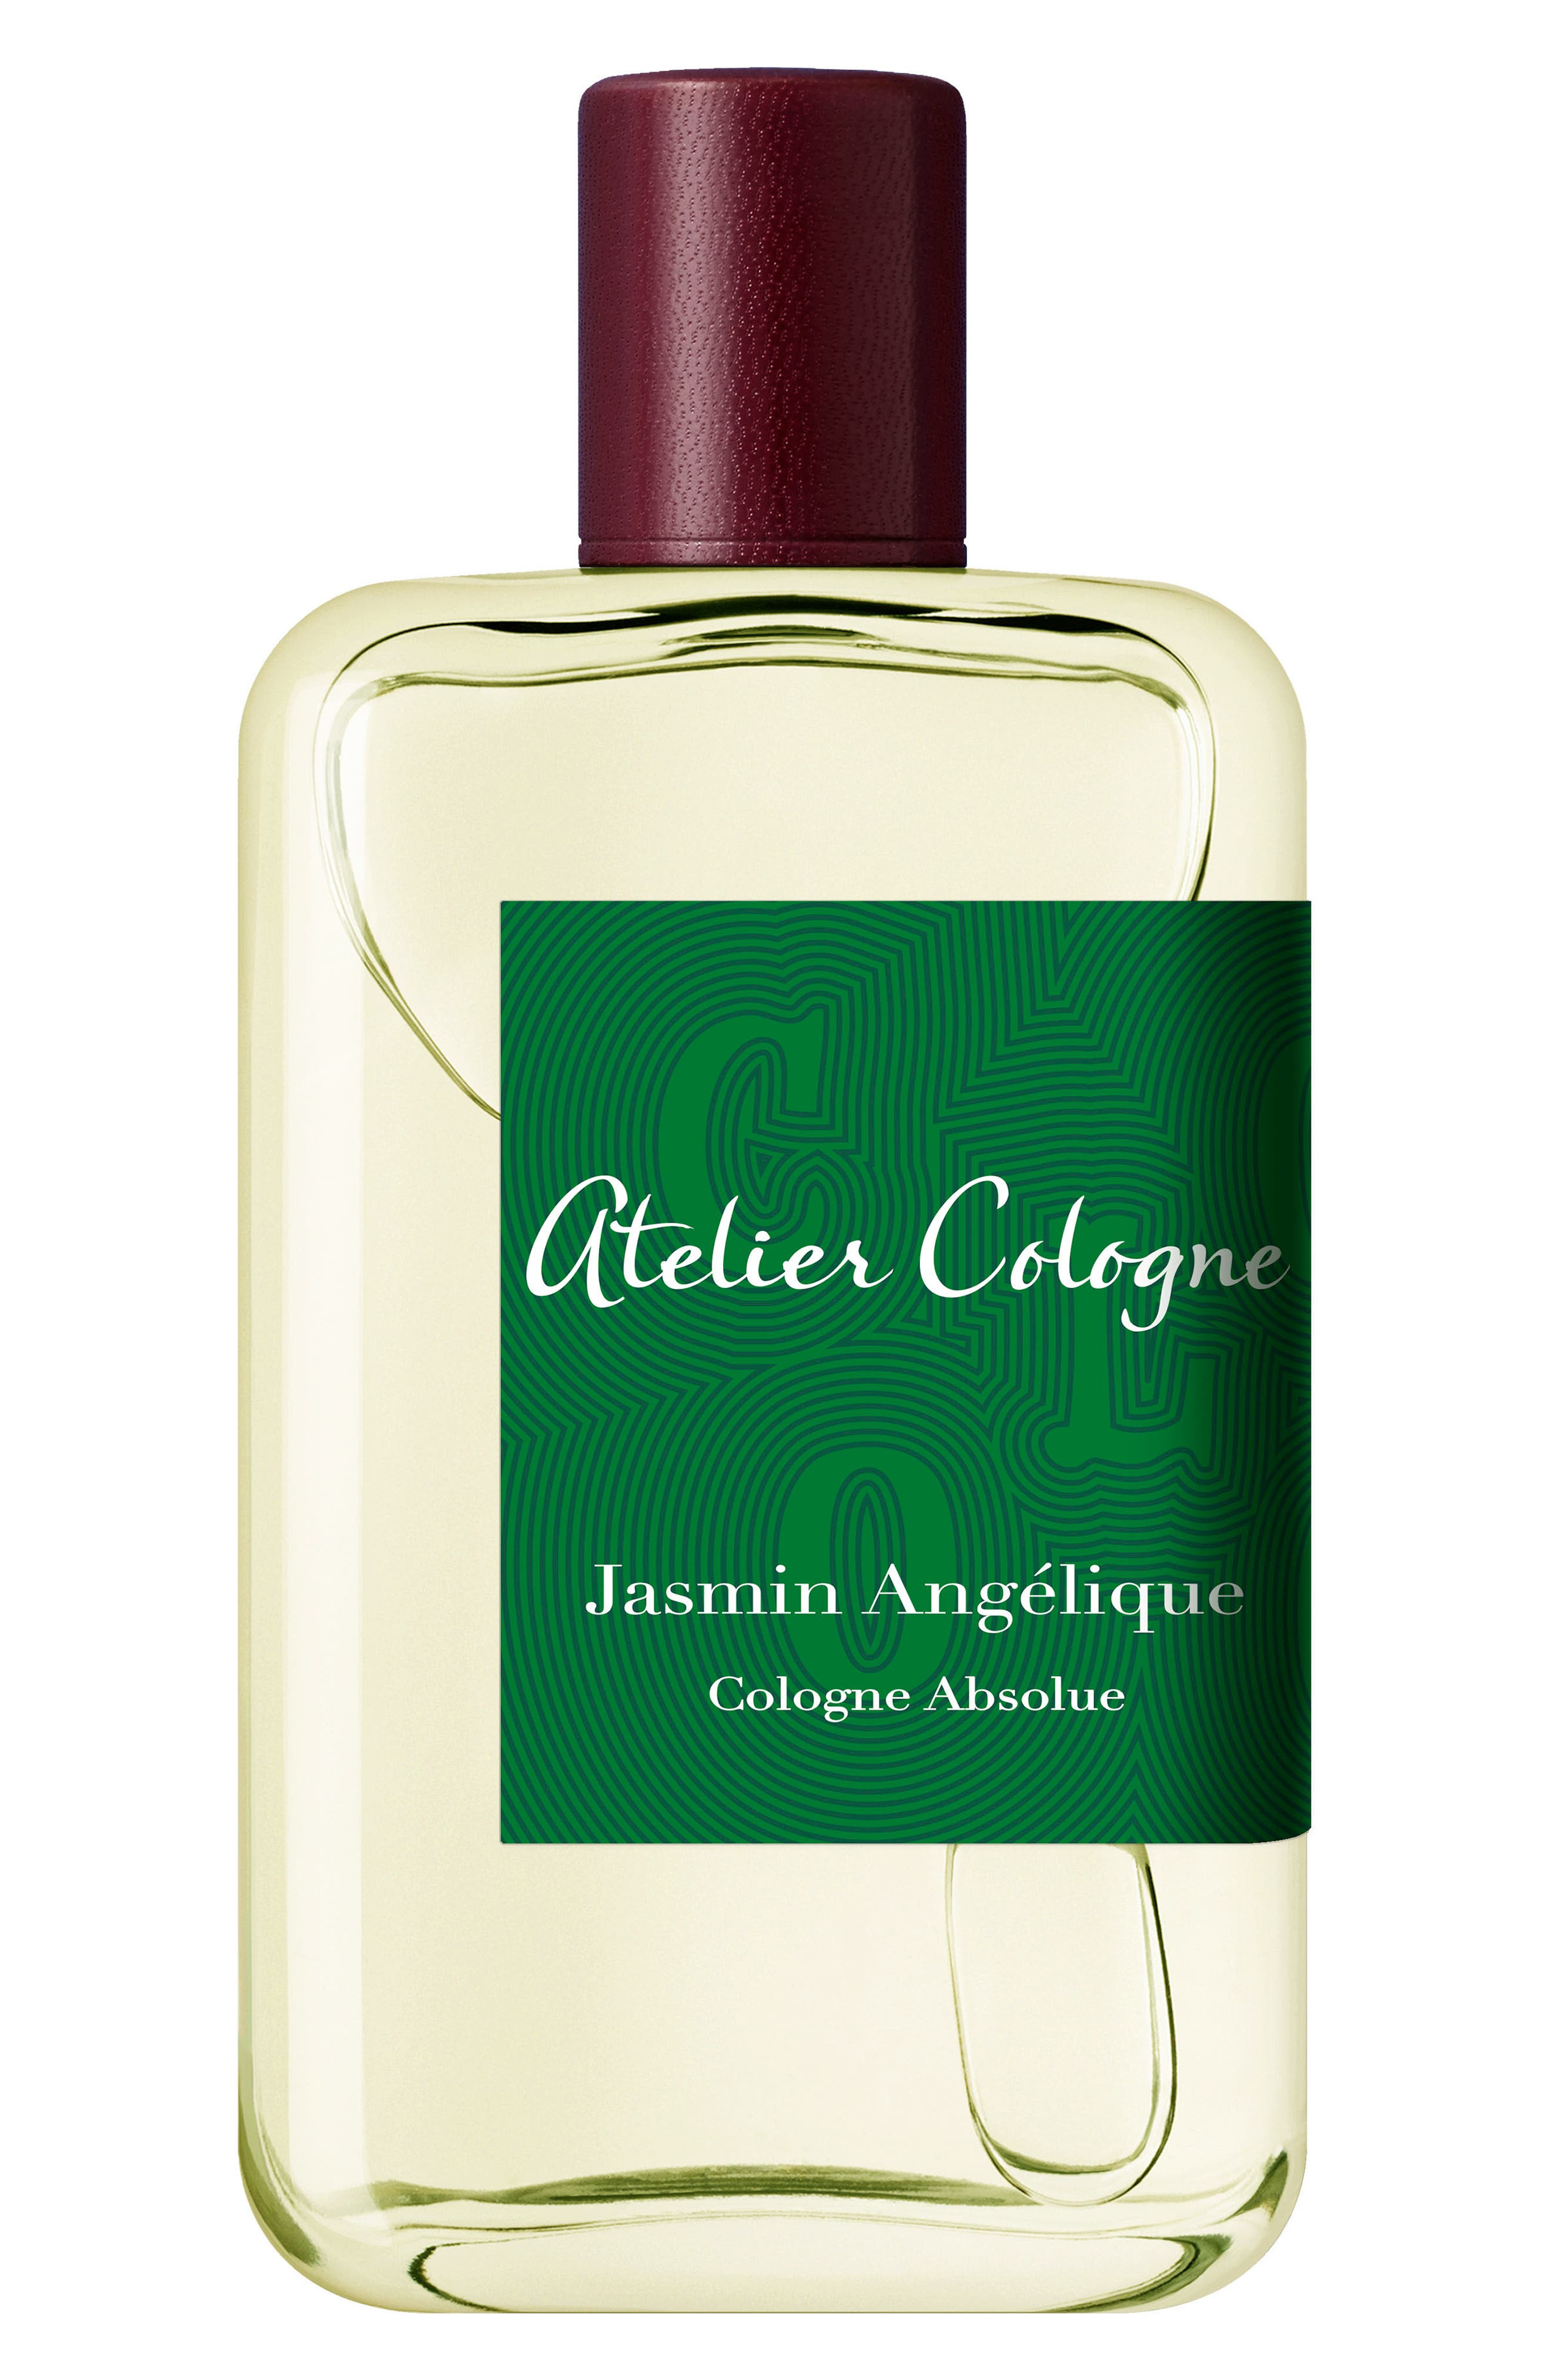 Atelier Cologne Jasmin Angélique Cologne Absolue